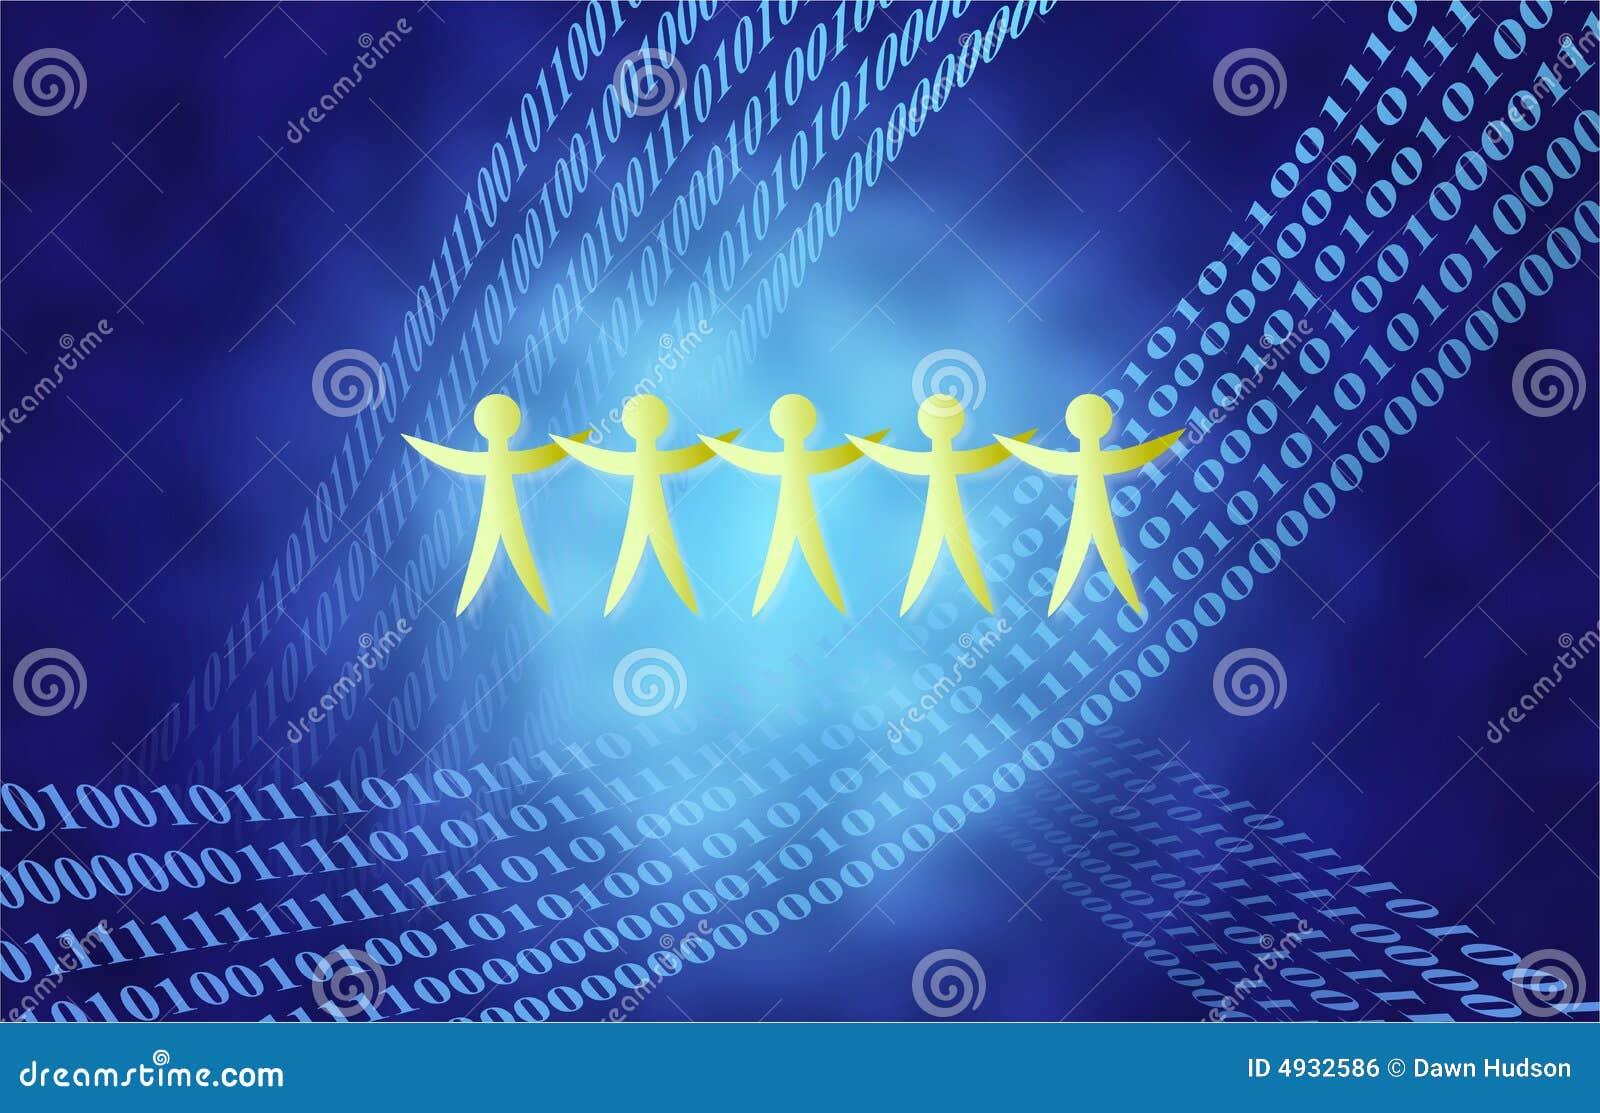 Equipe binária